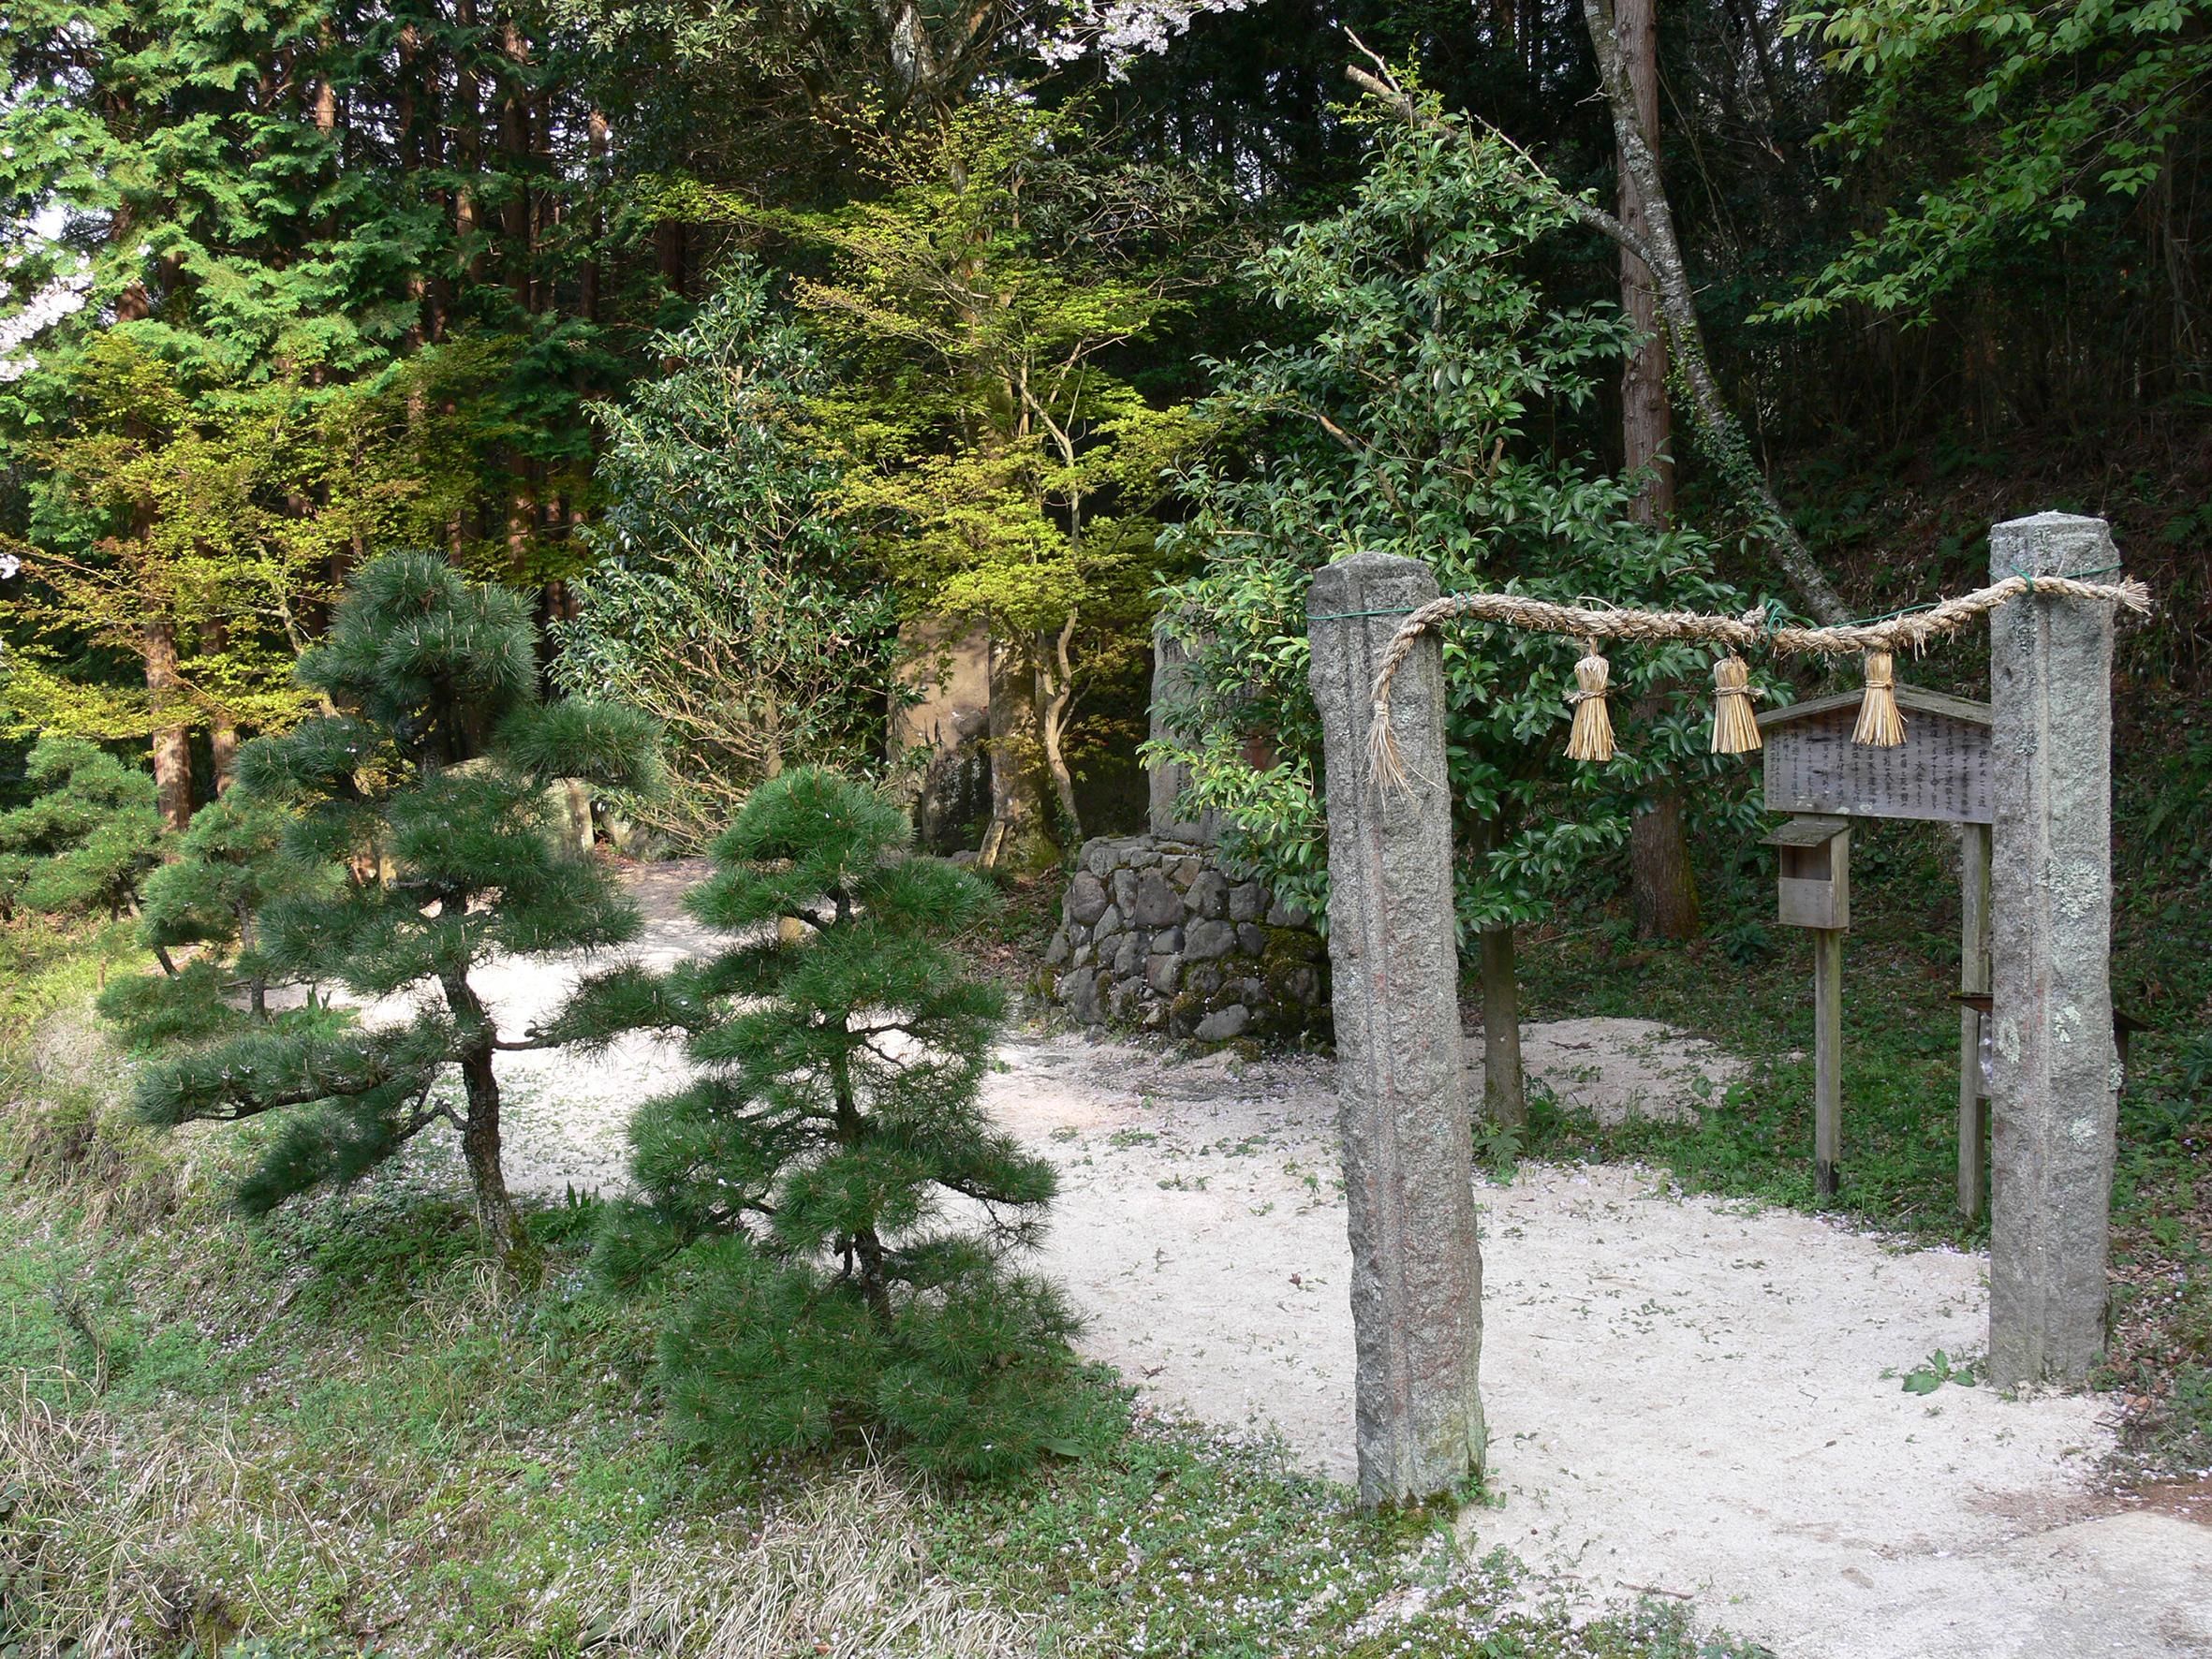 島根県松江市の伊賦夜坂 ―ここが黄泉の国からの出口?